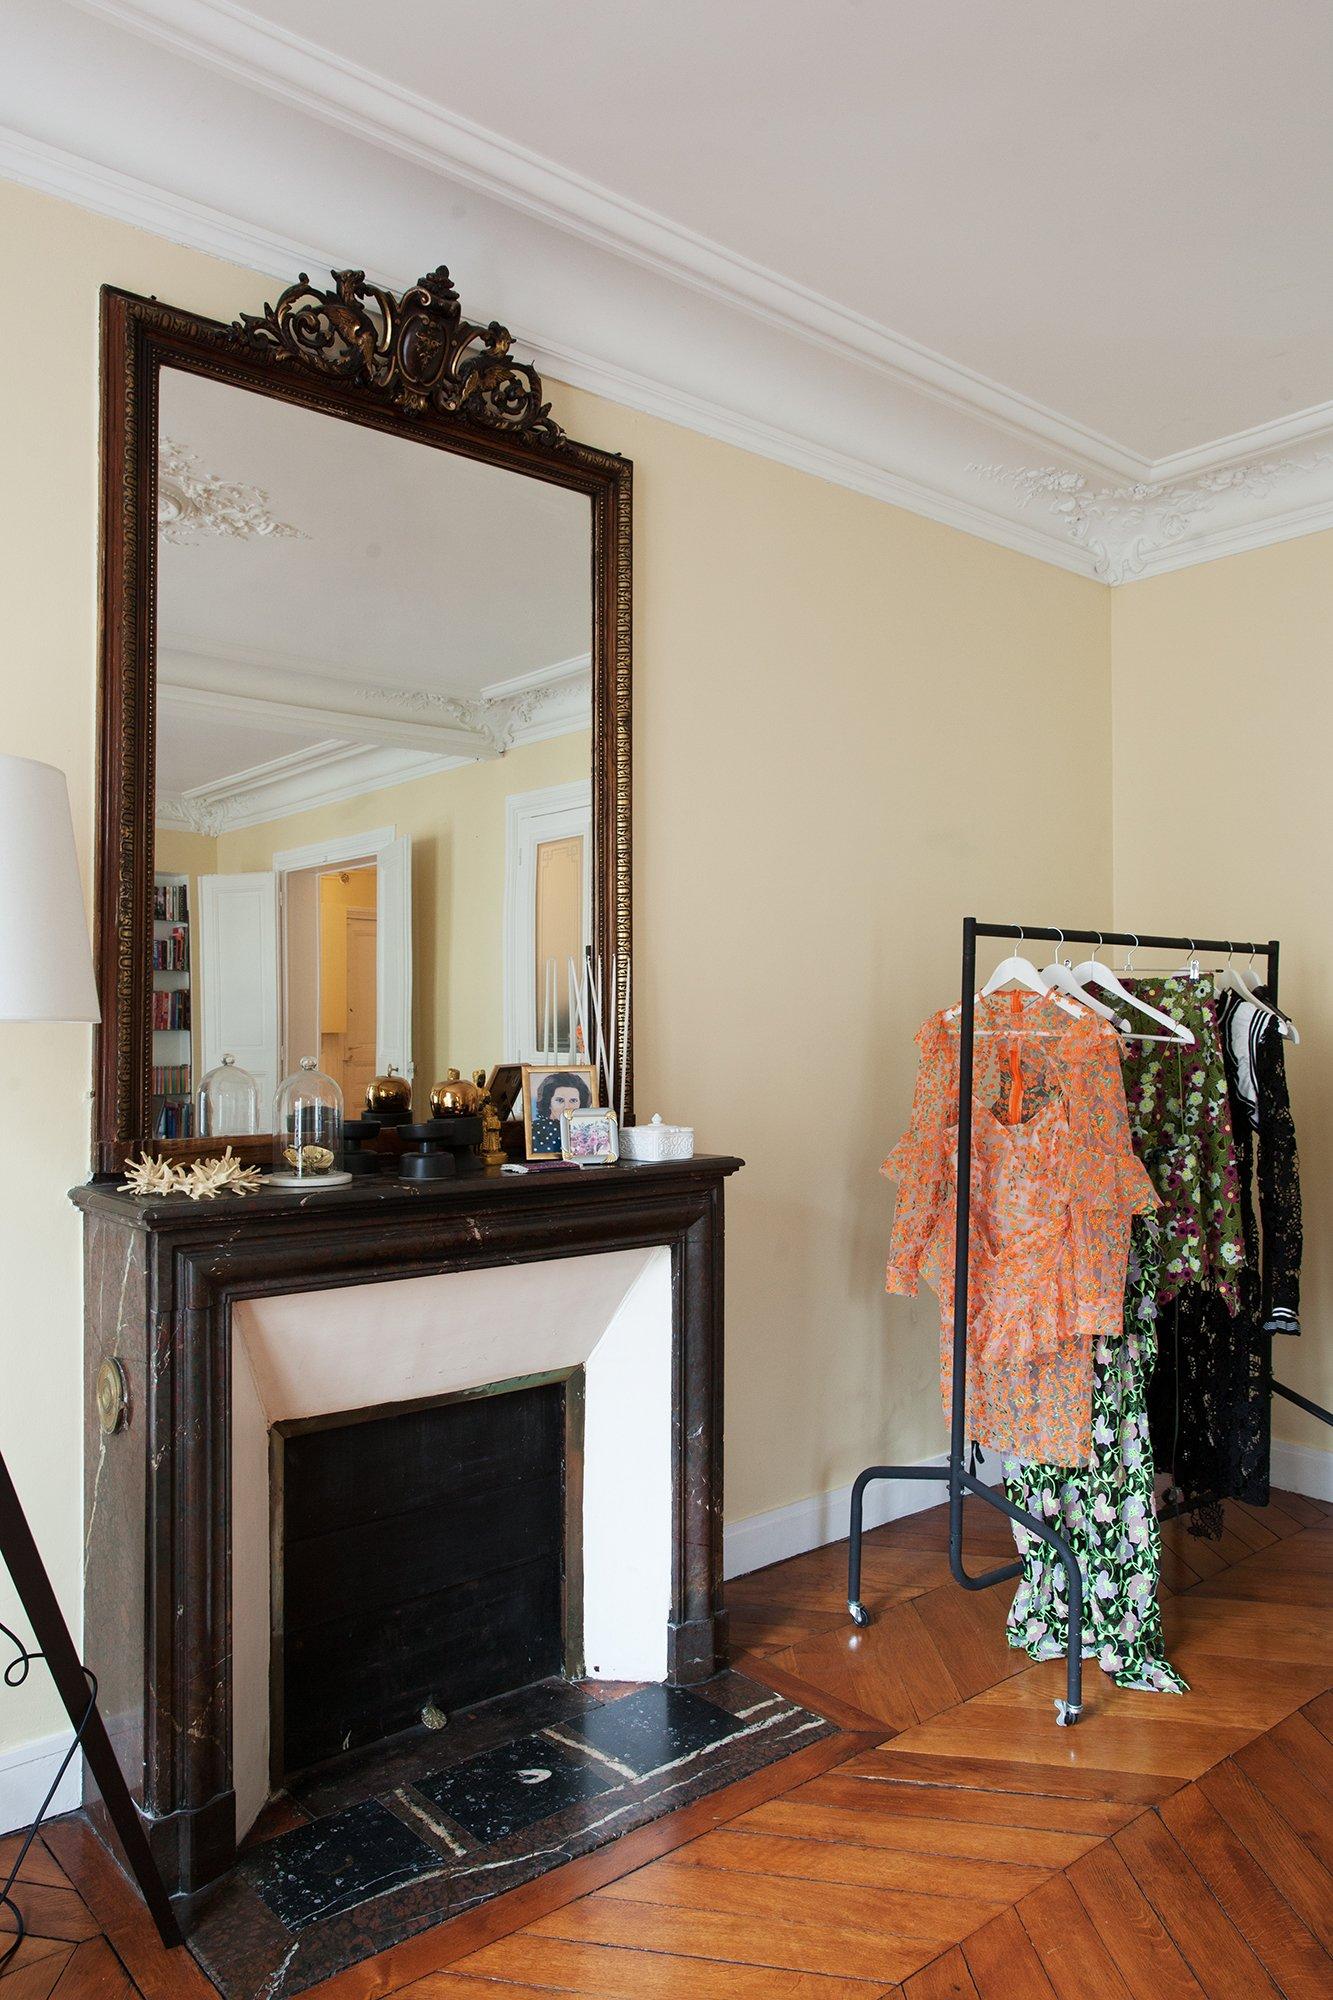 Salon Miroir Portrait Habits Styliste Designer Jonathan Liang Paris